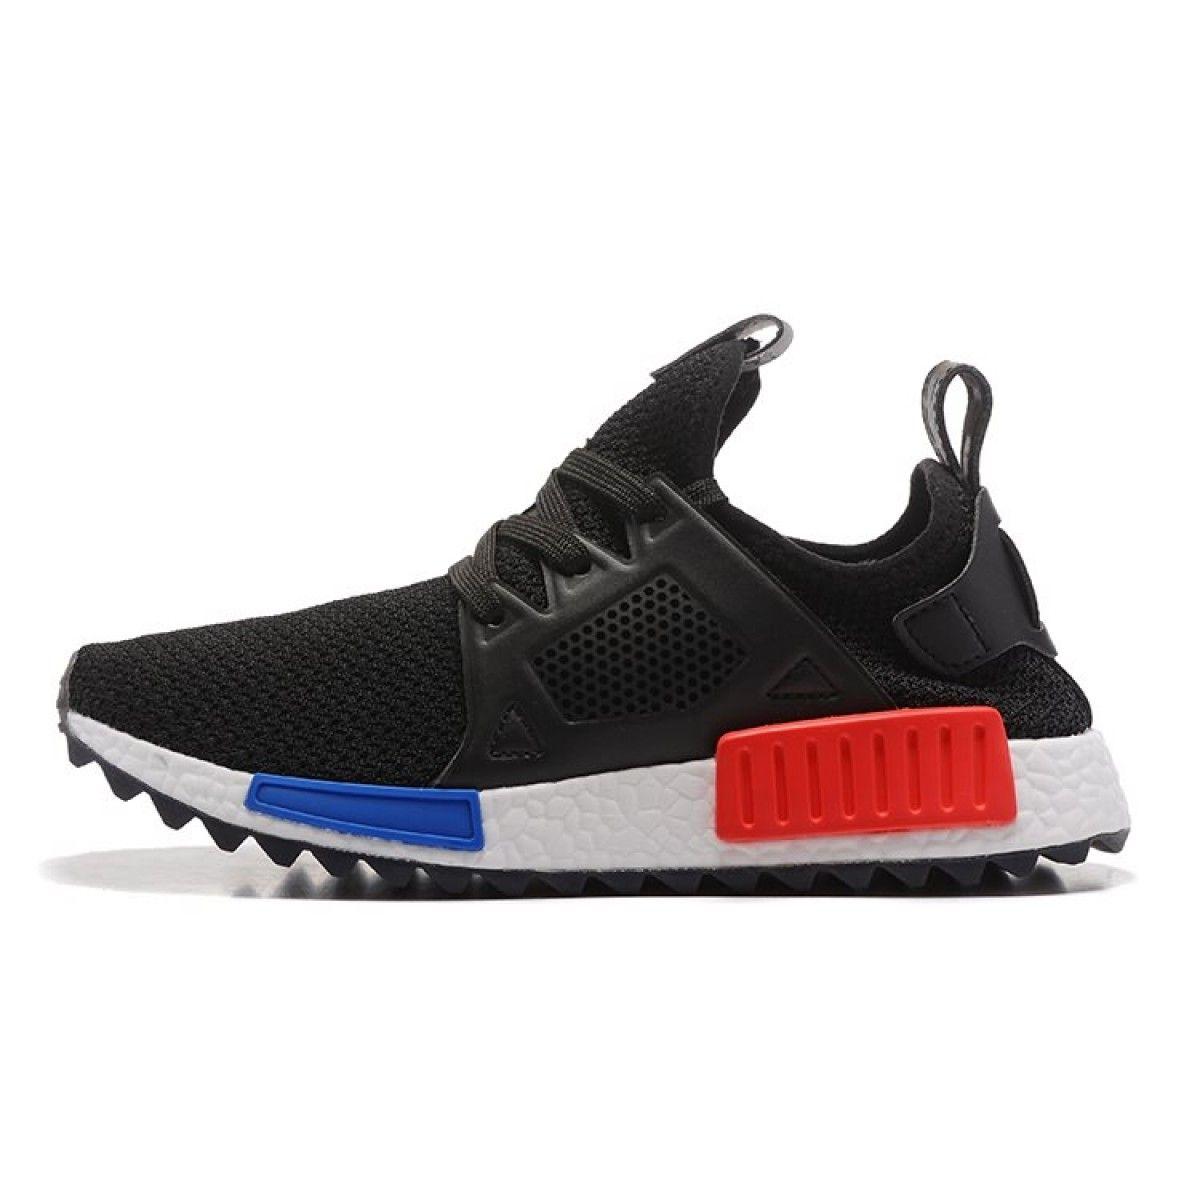 8e039d1c550e1 aliexpress adidas. yeezy boost 60ed1 5ebfc  coupon adidas nmdxr1 trail  scarpe uomo nero blu rosso a4956 c4e42